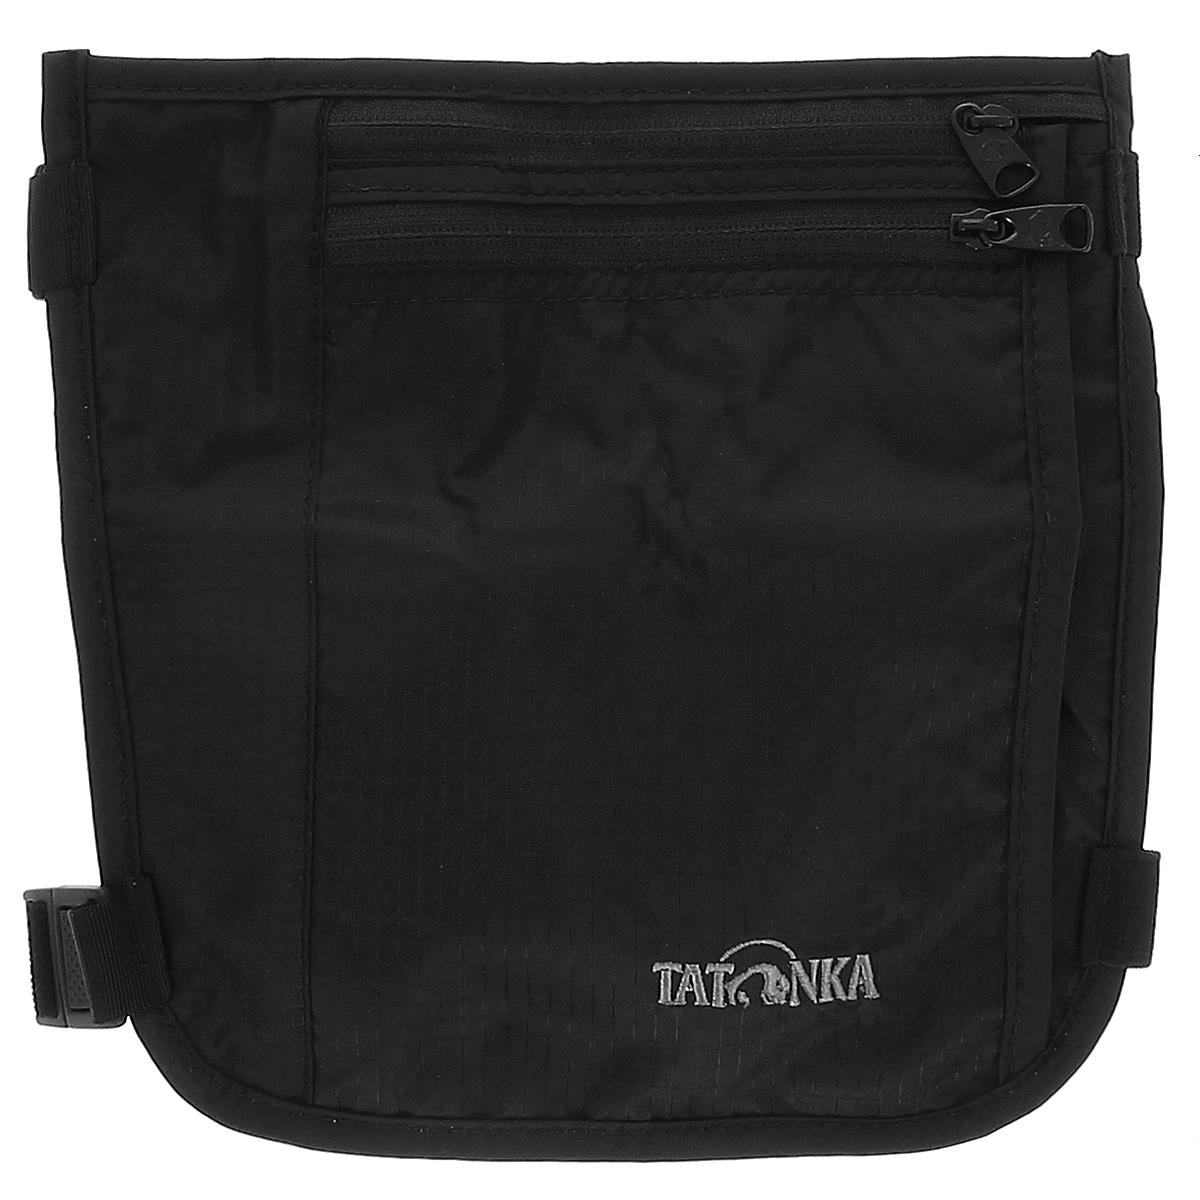 Кошелек на голень Tatonka Skin Secret Pocket, потайной, цвет: черныйH009Потайной кошелек Tatonka Skin Secret Pocket состоит из двух отделений на застежках-молниях. Крепится на голень с помощью двух эластичных ремешков на карабинах, регулируемых по длине. Кошелек можно закрепить как под одеждой, так и поверх нее - в зависимости от удобства. С обратной стороны для большего комфорта изделие дополнено мягкой тканью. Материал: 210 T Nylon Ripstop.